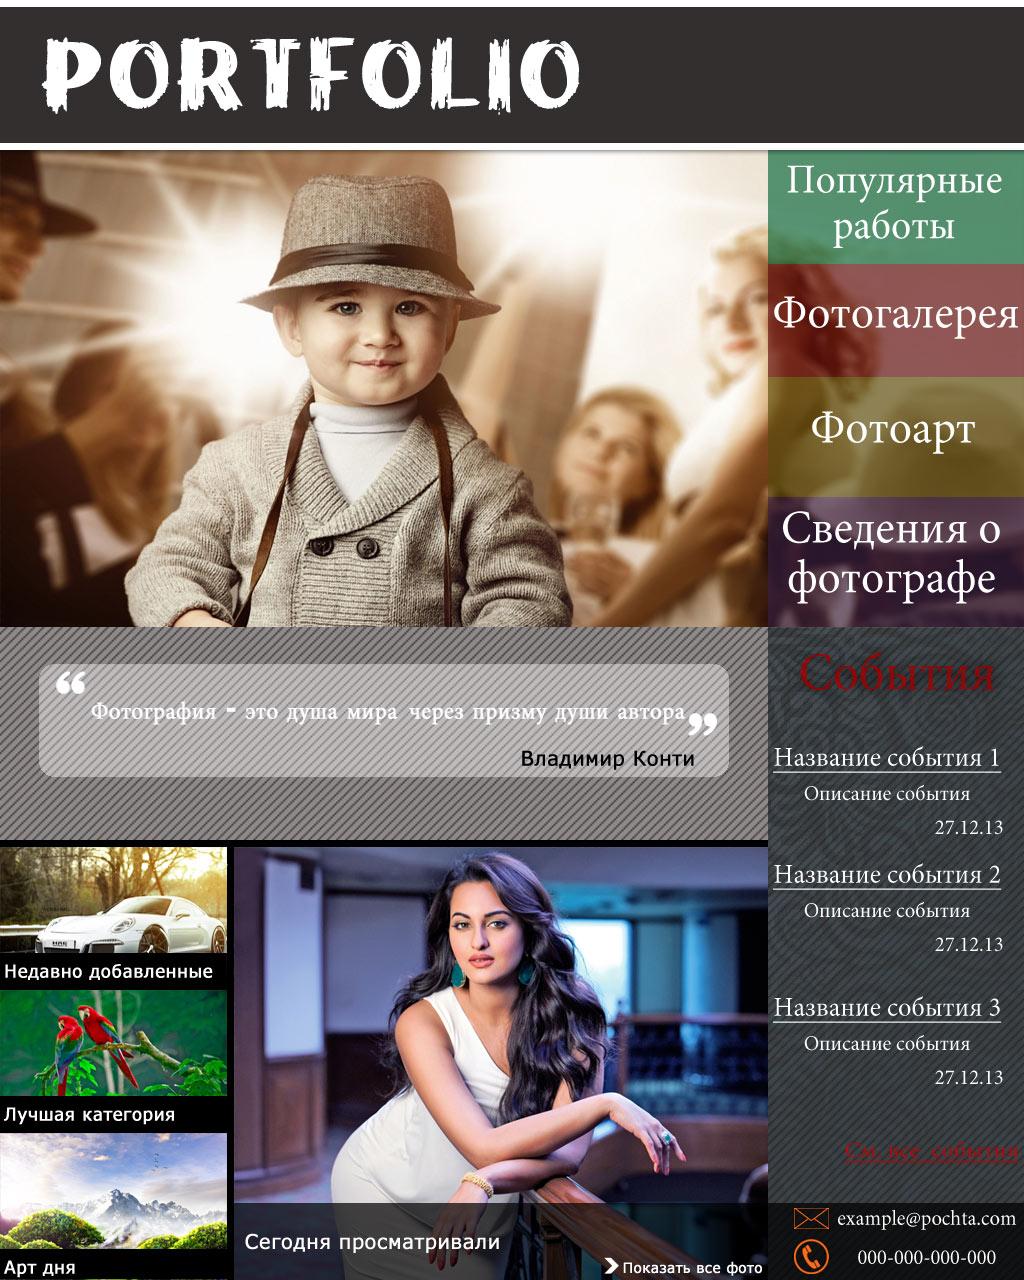 миндалинах название сайта фотографа россии эта